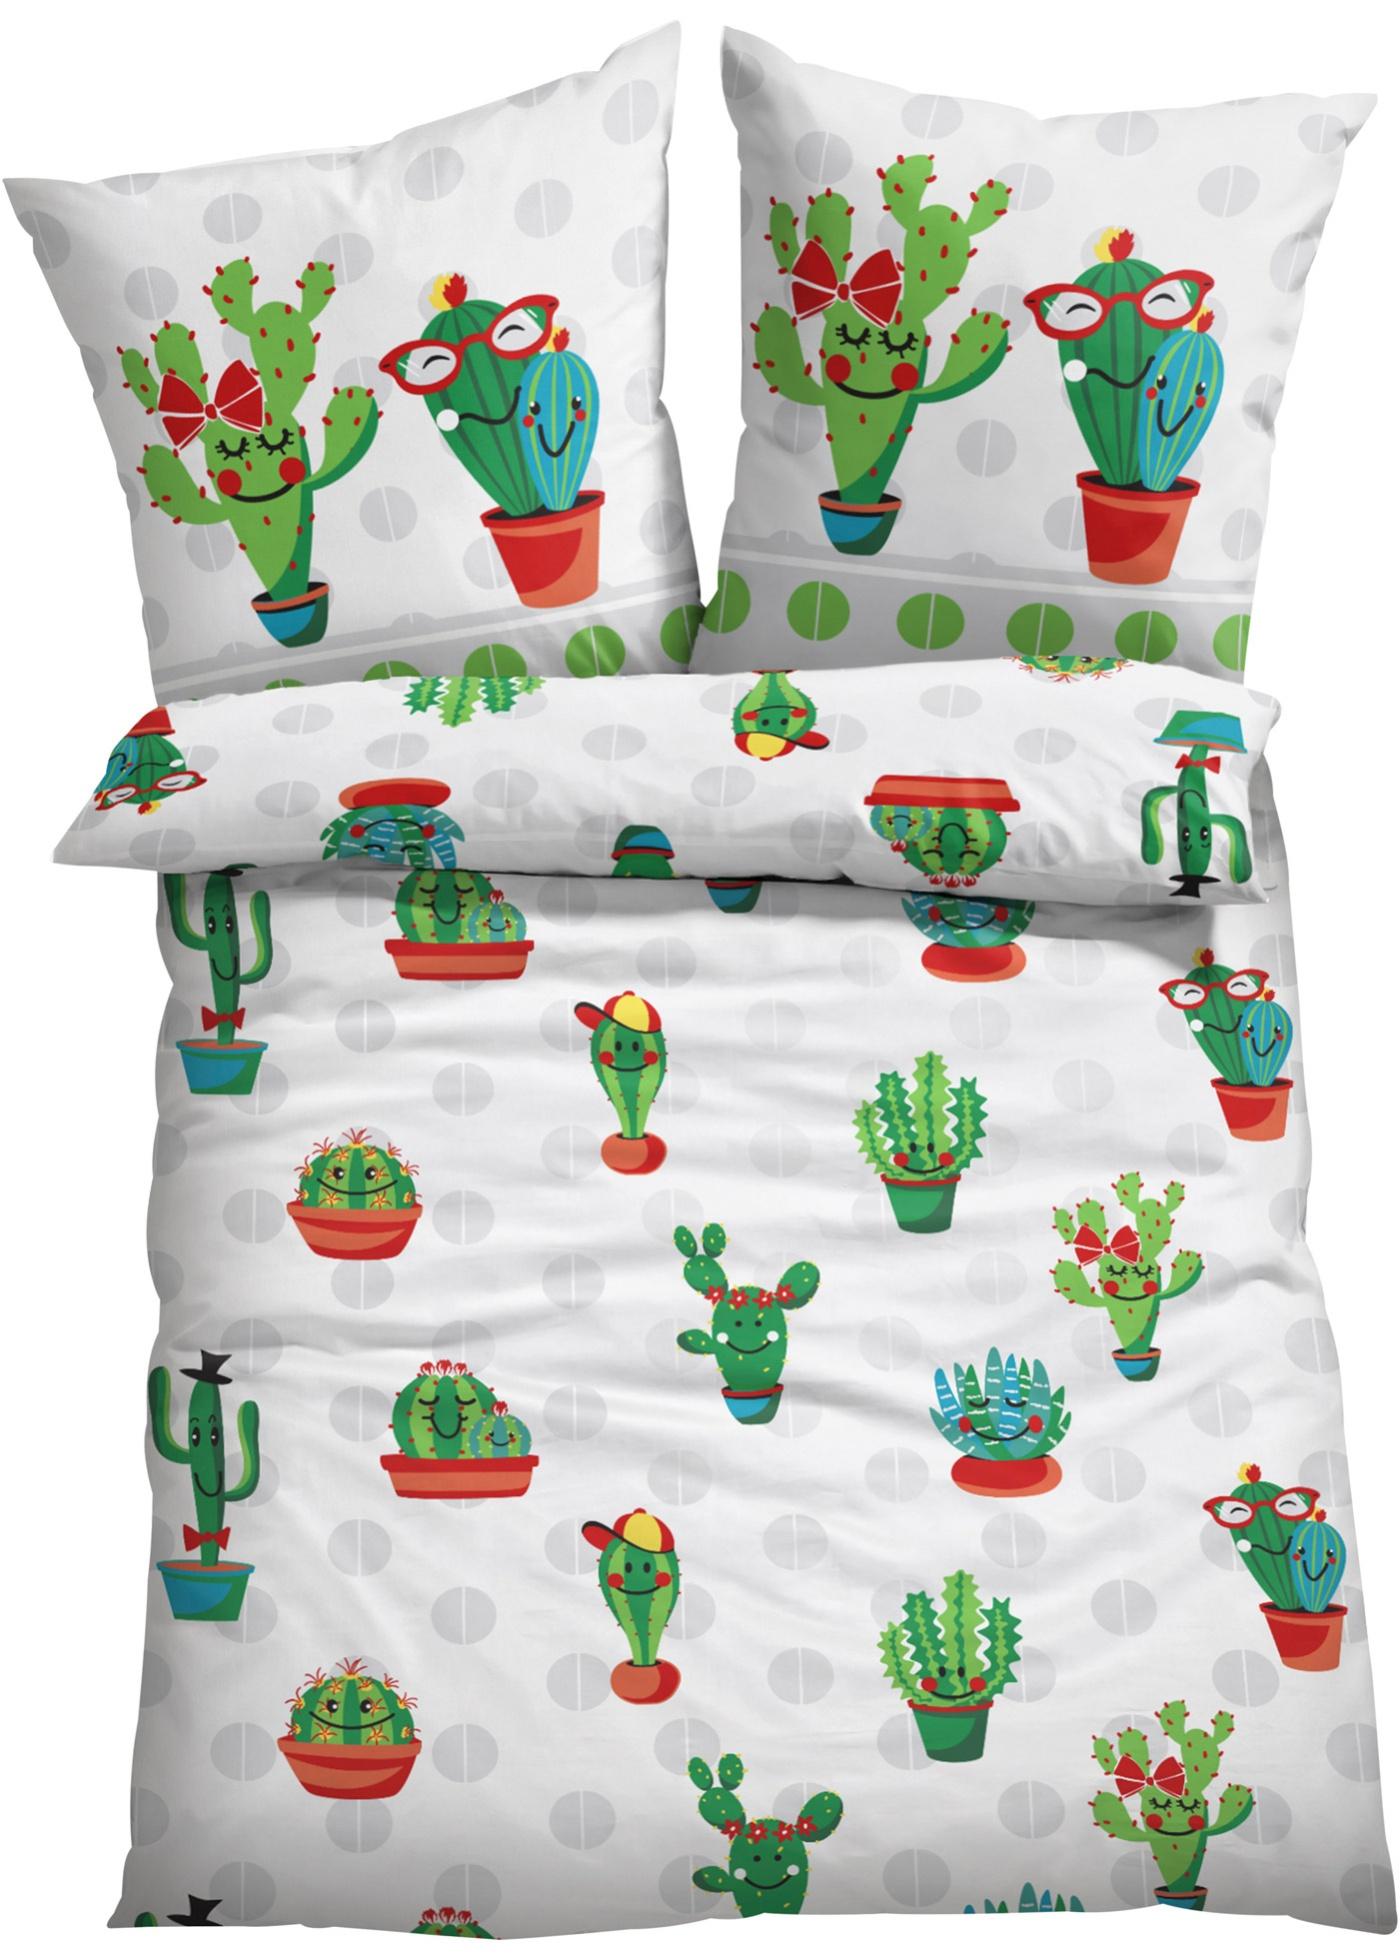 Linge de lit imprimé avec motifs cactus humoristiques.